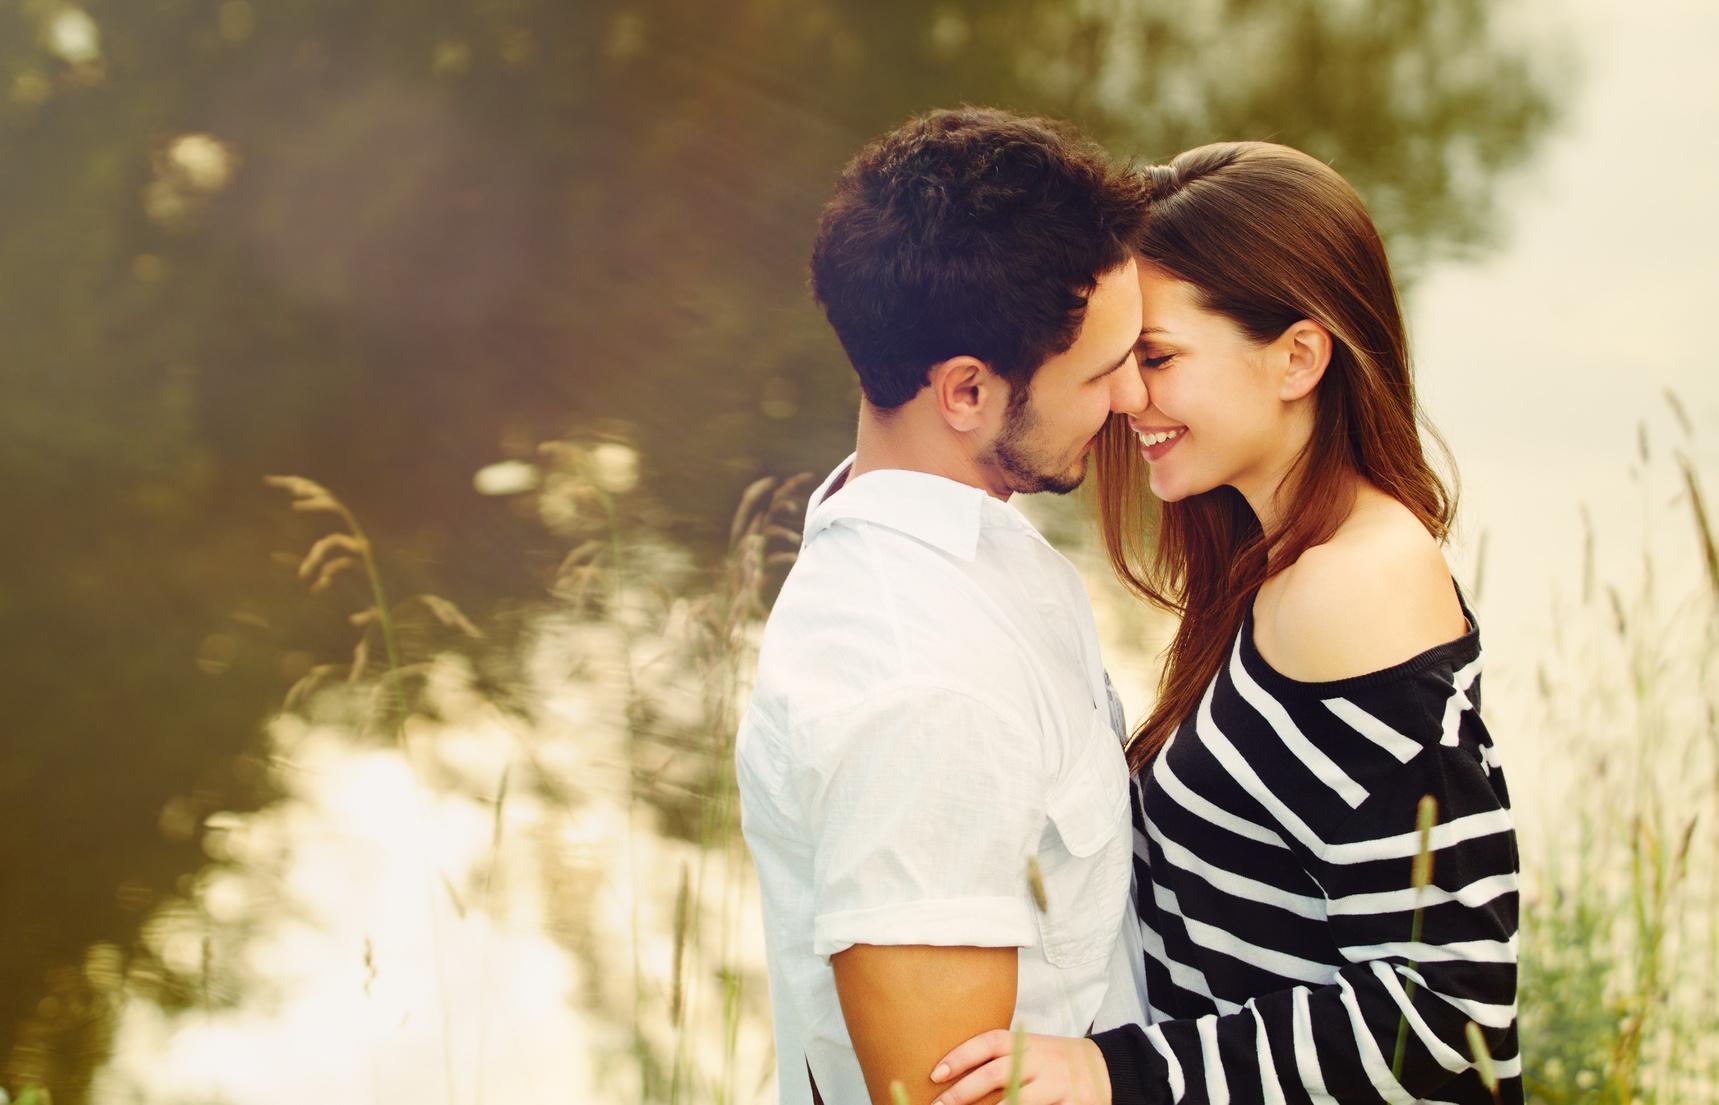 Emotionale Abhängigkeit Ist Keine Liebe